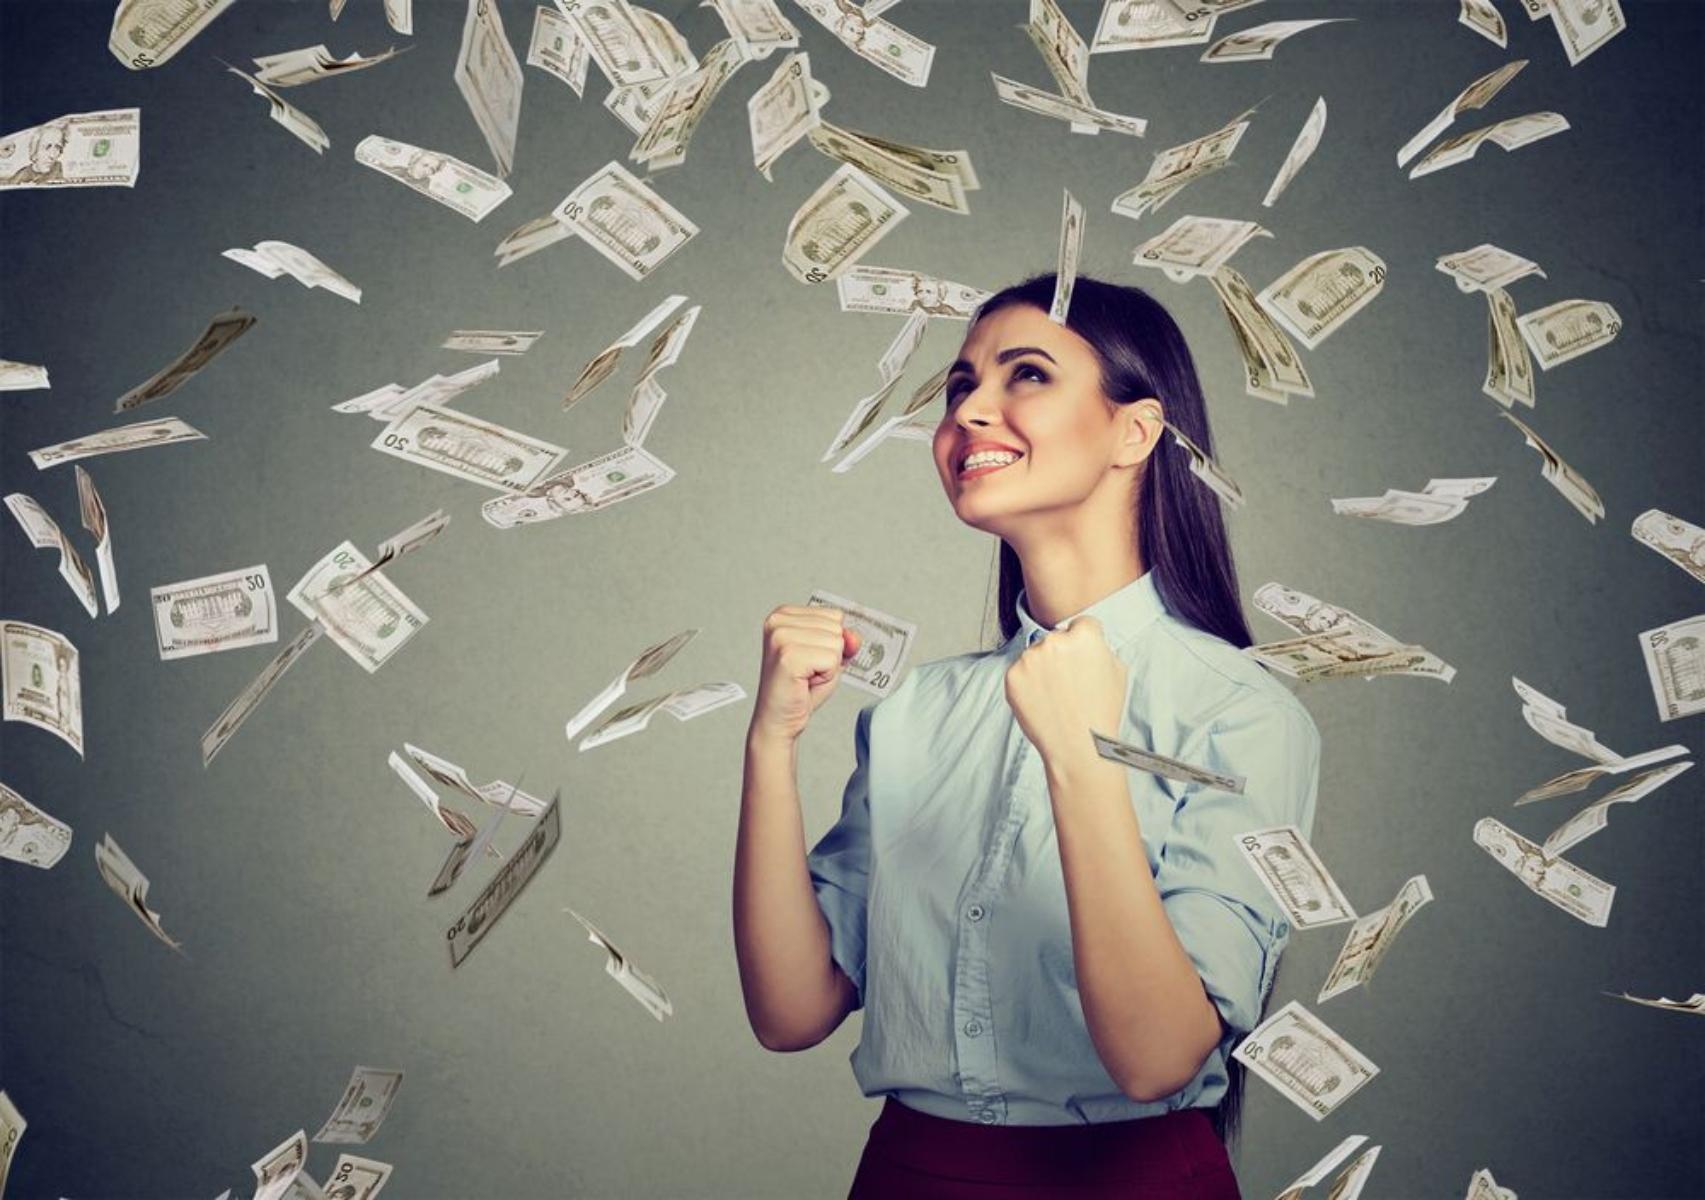 Αυτοδημιούργητοι εκατομμυριούχοι: Ποια είναι τα μυστικά επιτυχίας τους